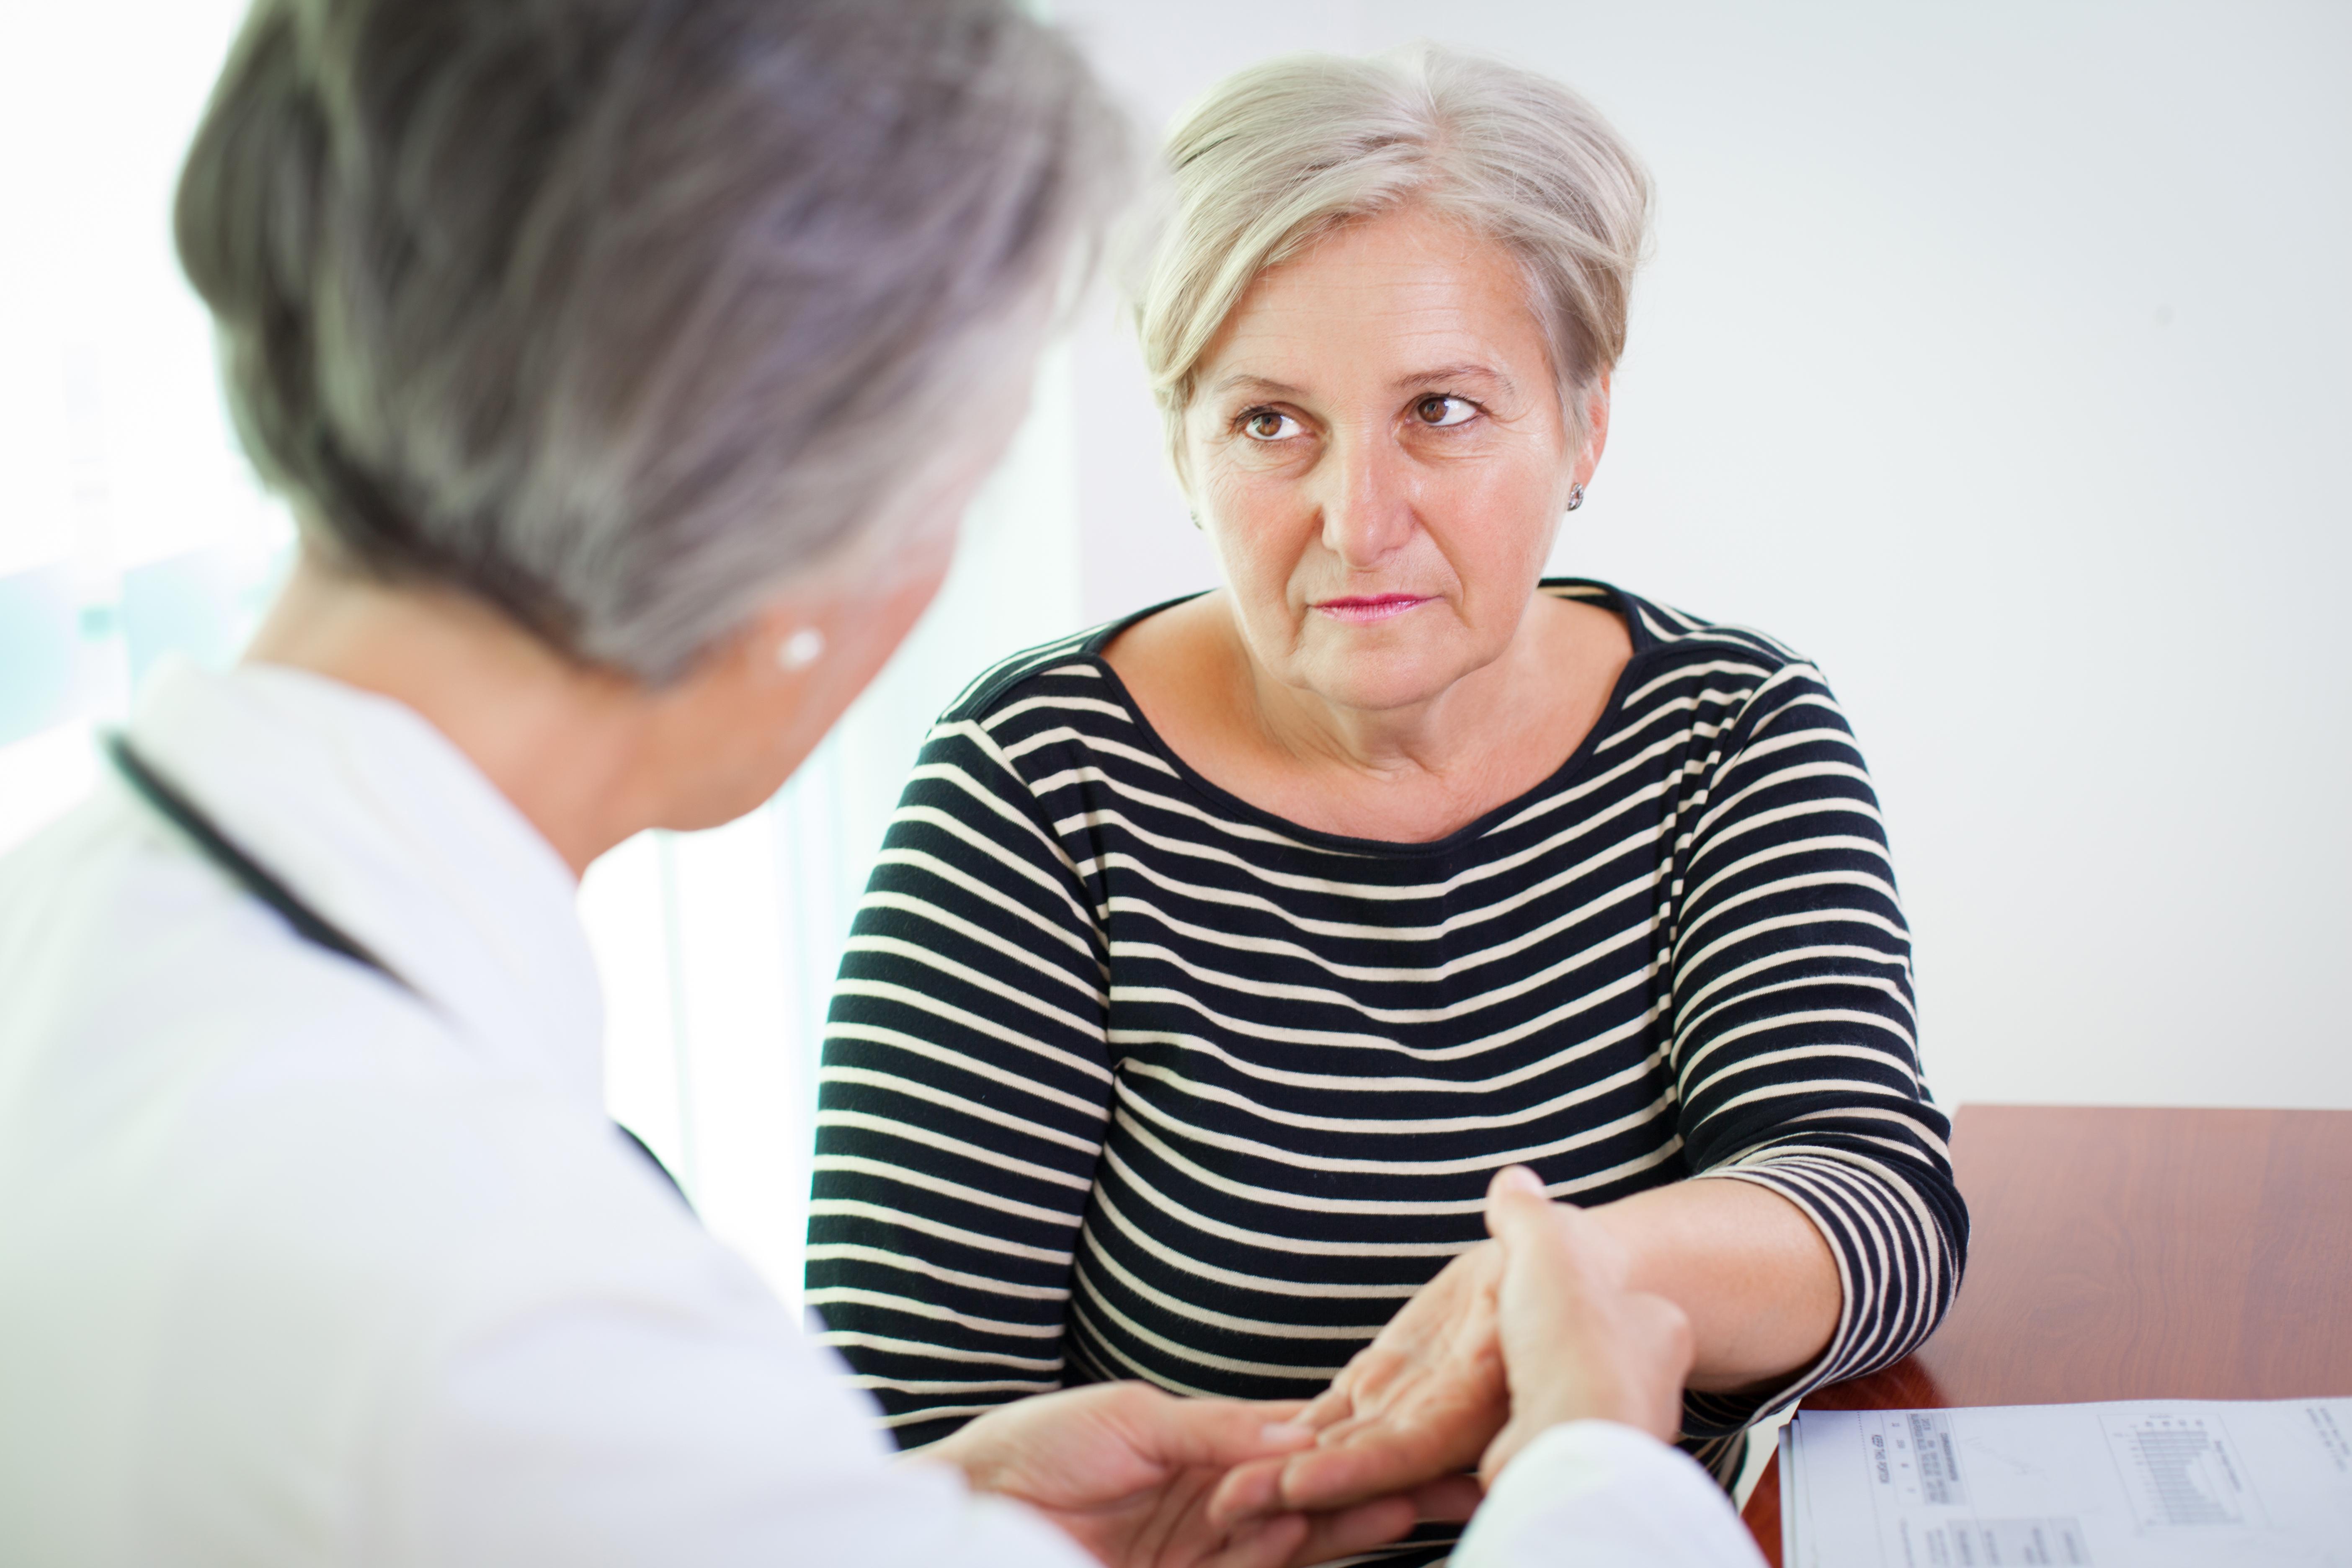 Majoriteten av de som drabbas av fibromyalgi är kvinnor.